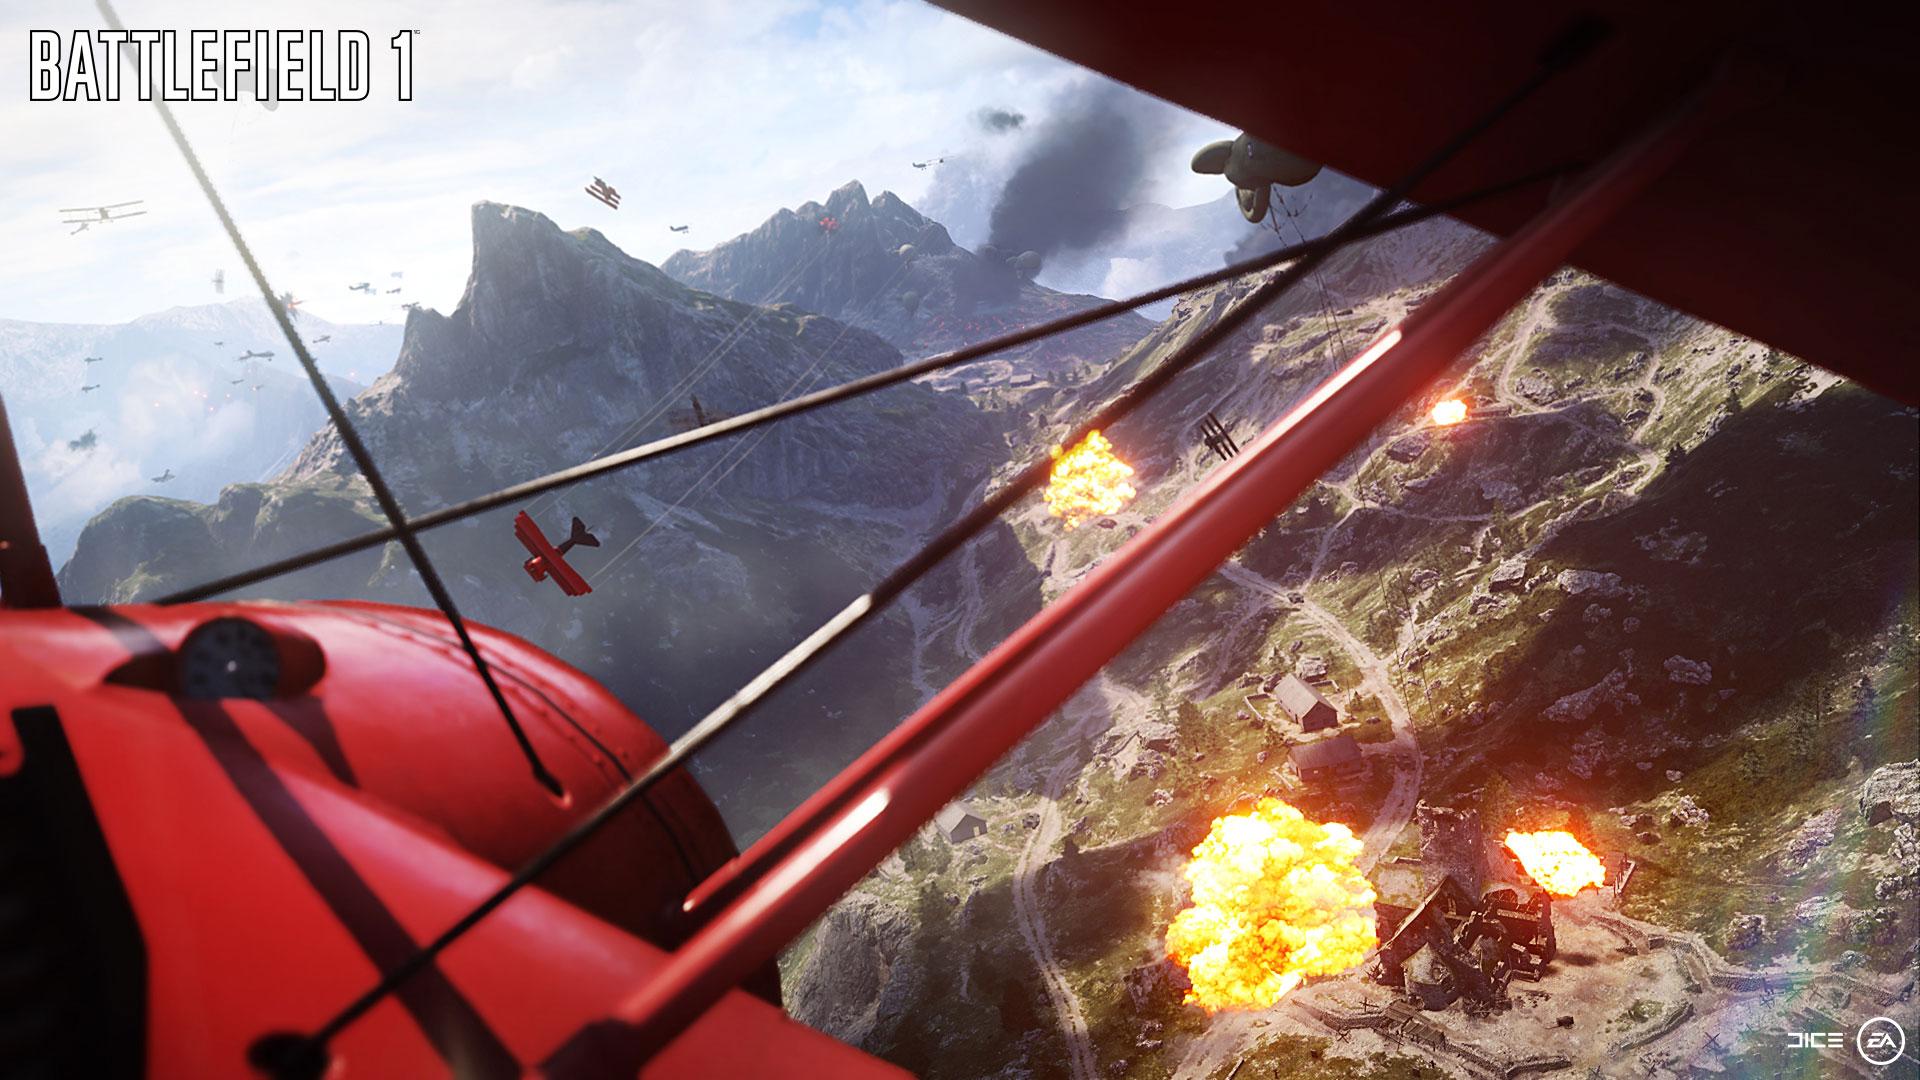 Battlefield 1 Announcement Screen 1